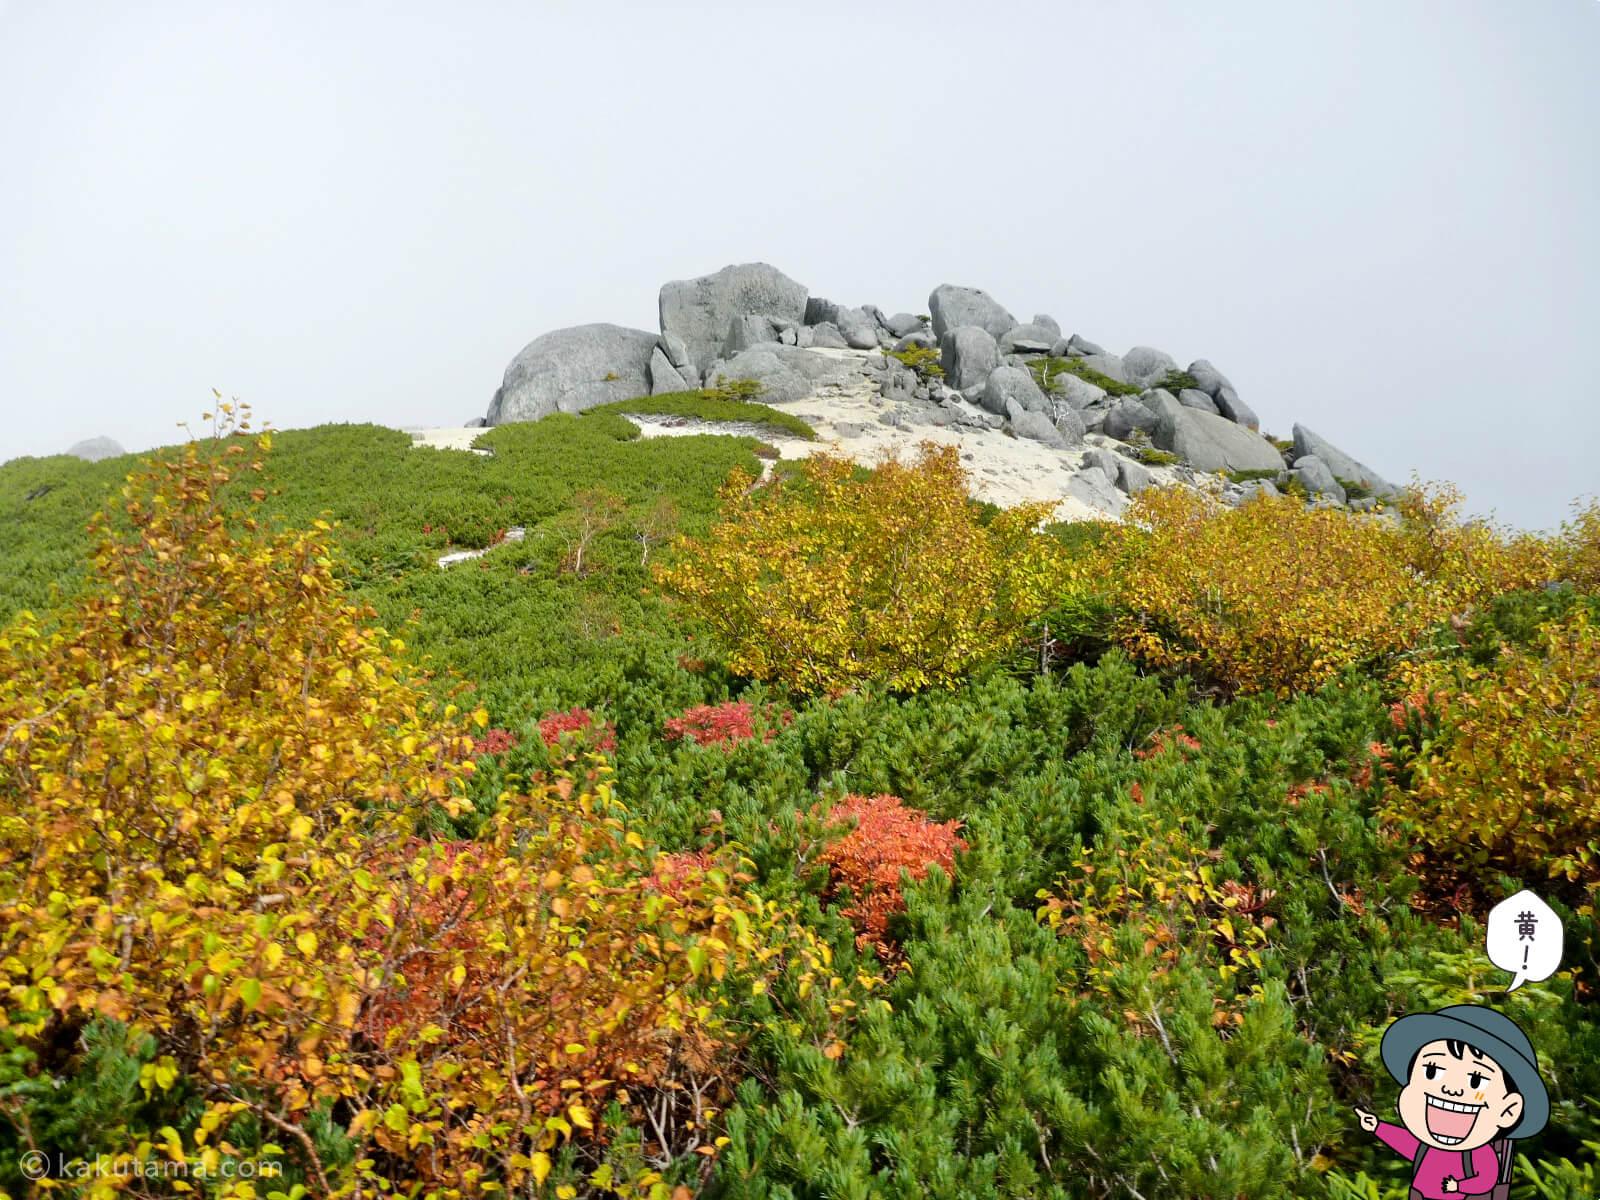 鳳凰三山薬師岳での紅葉写真とイラスト5